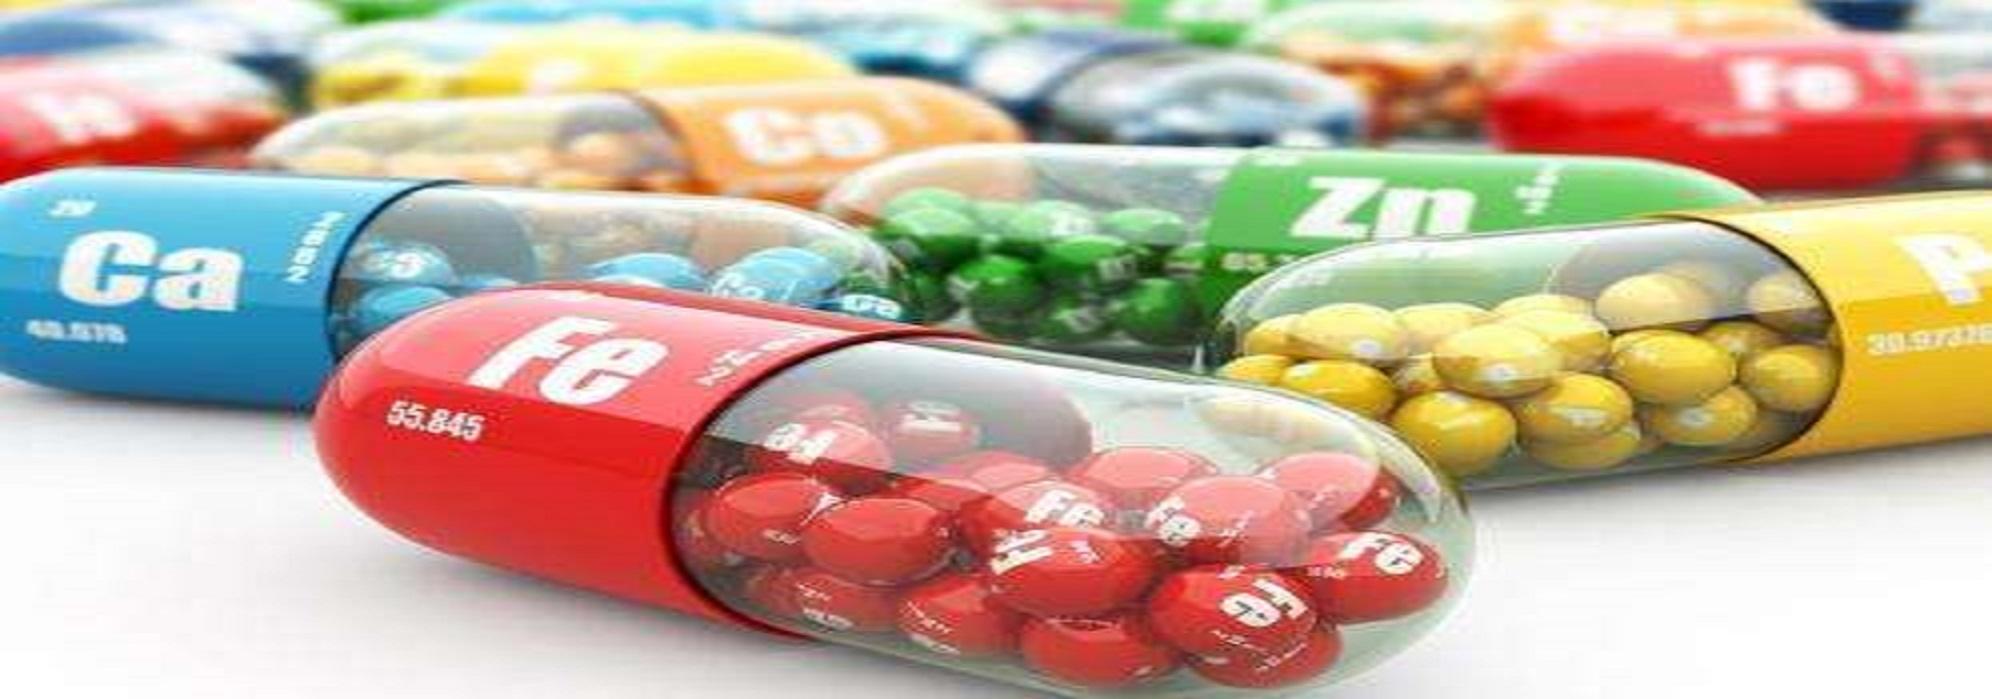 用严标准强监管净化保健品市场